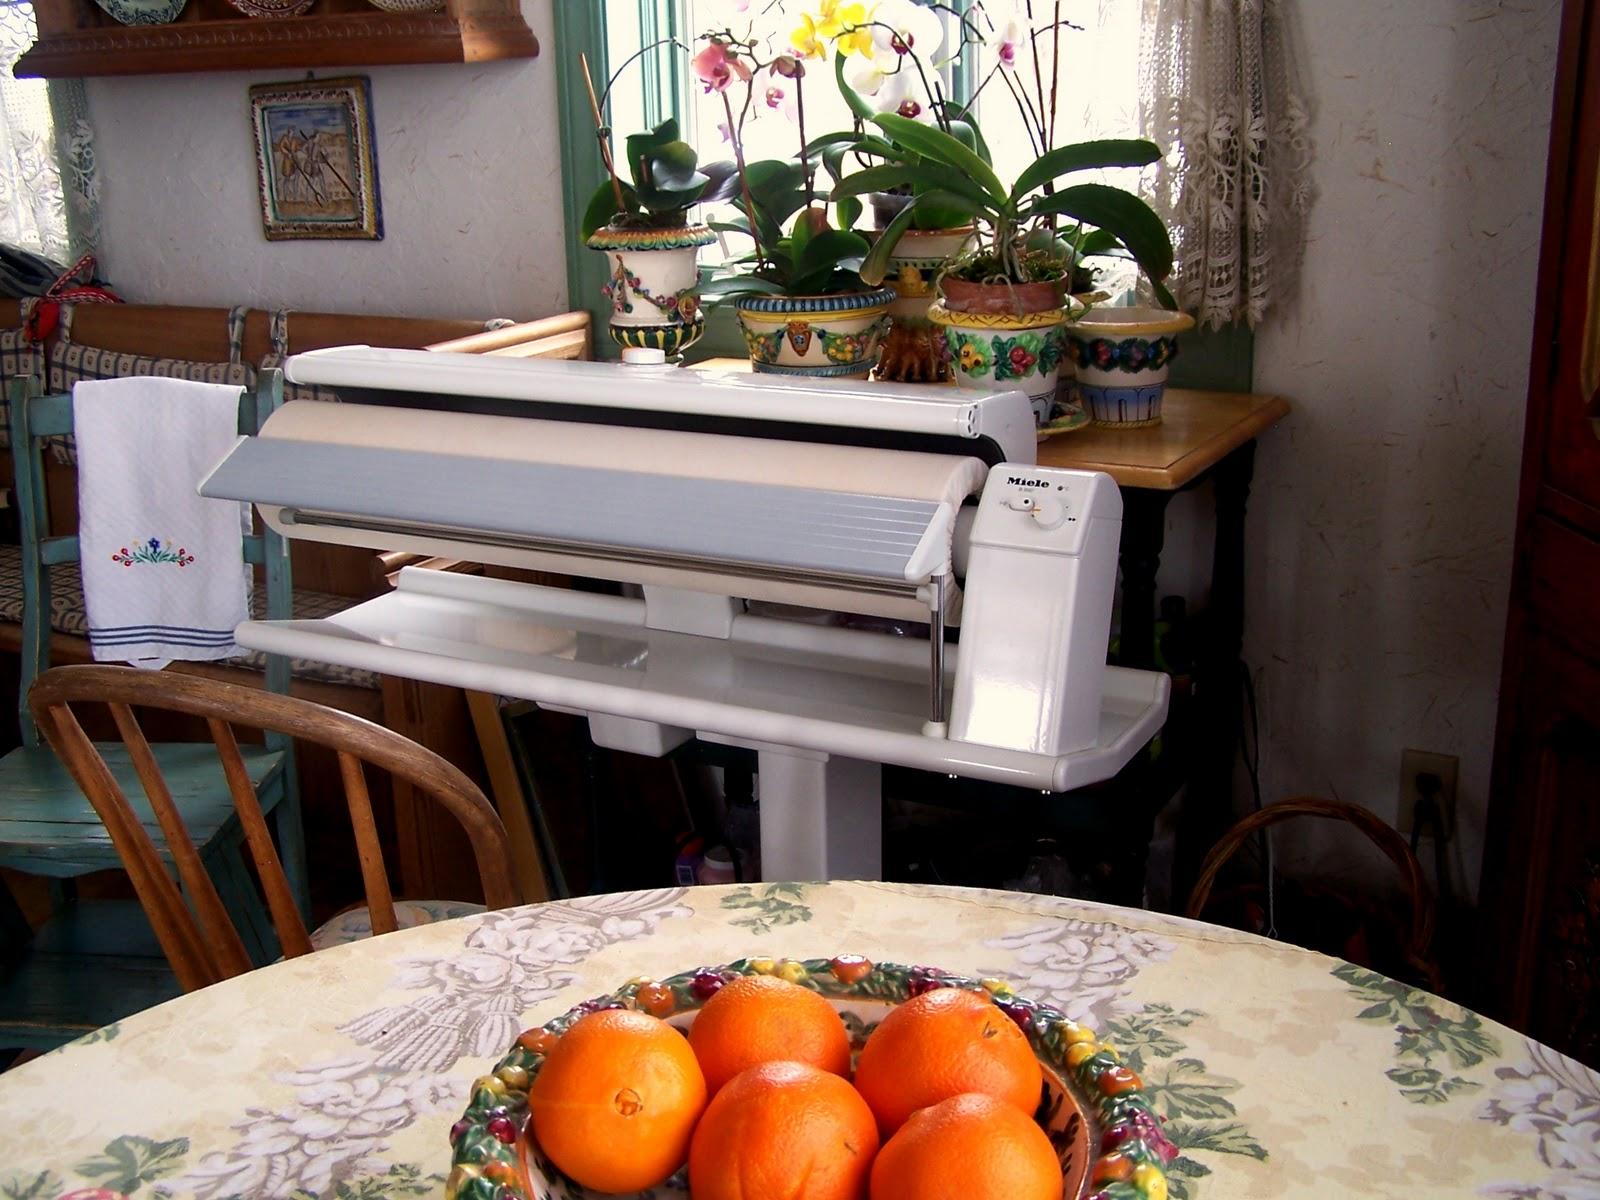 ironing machine